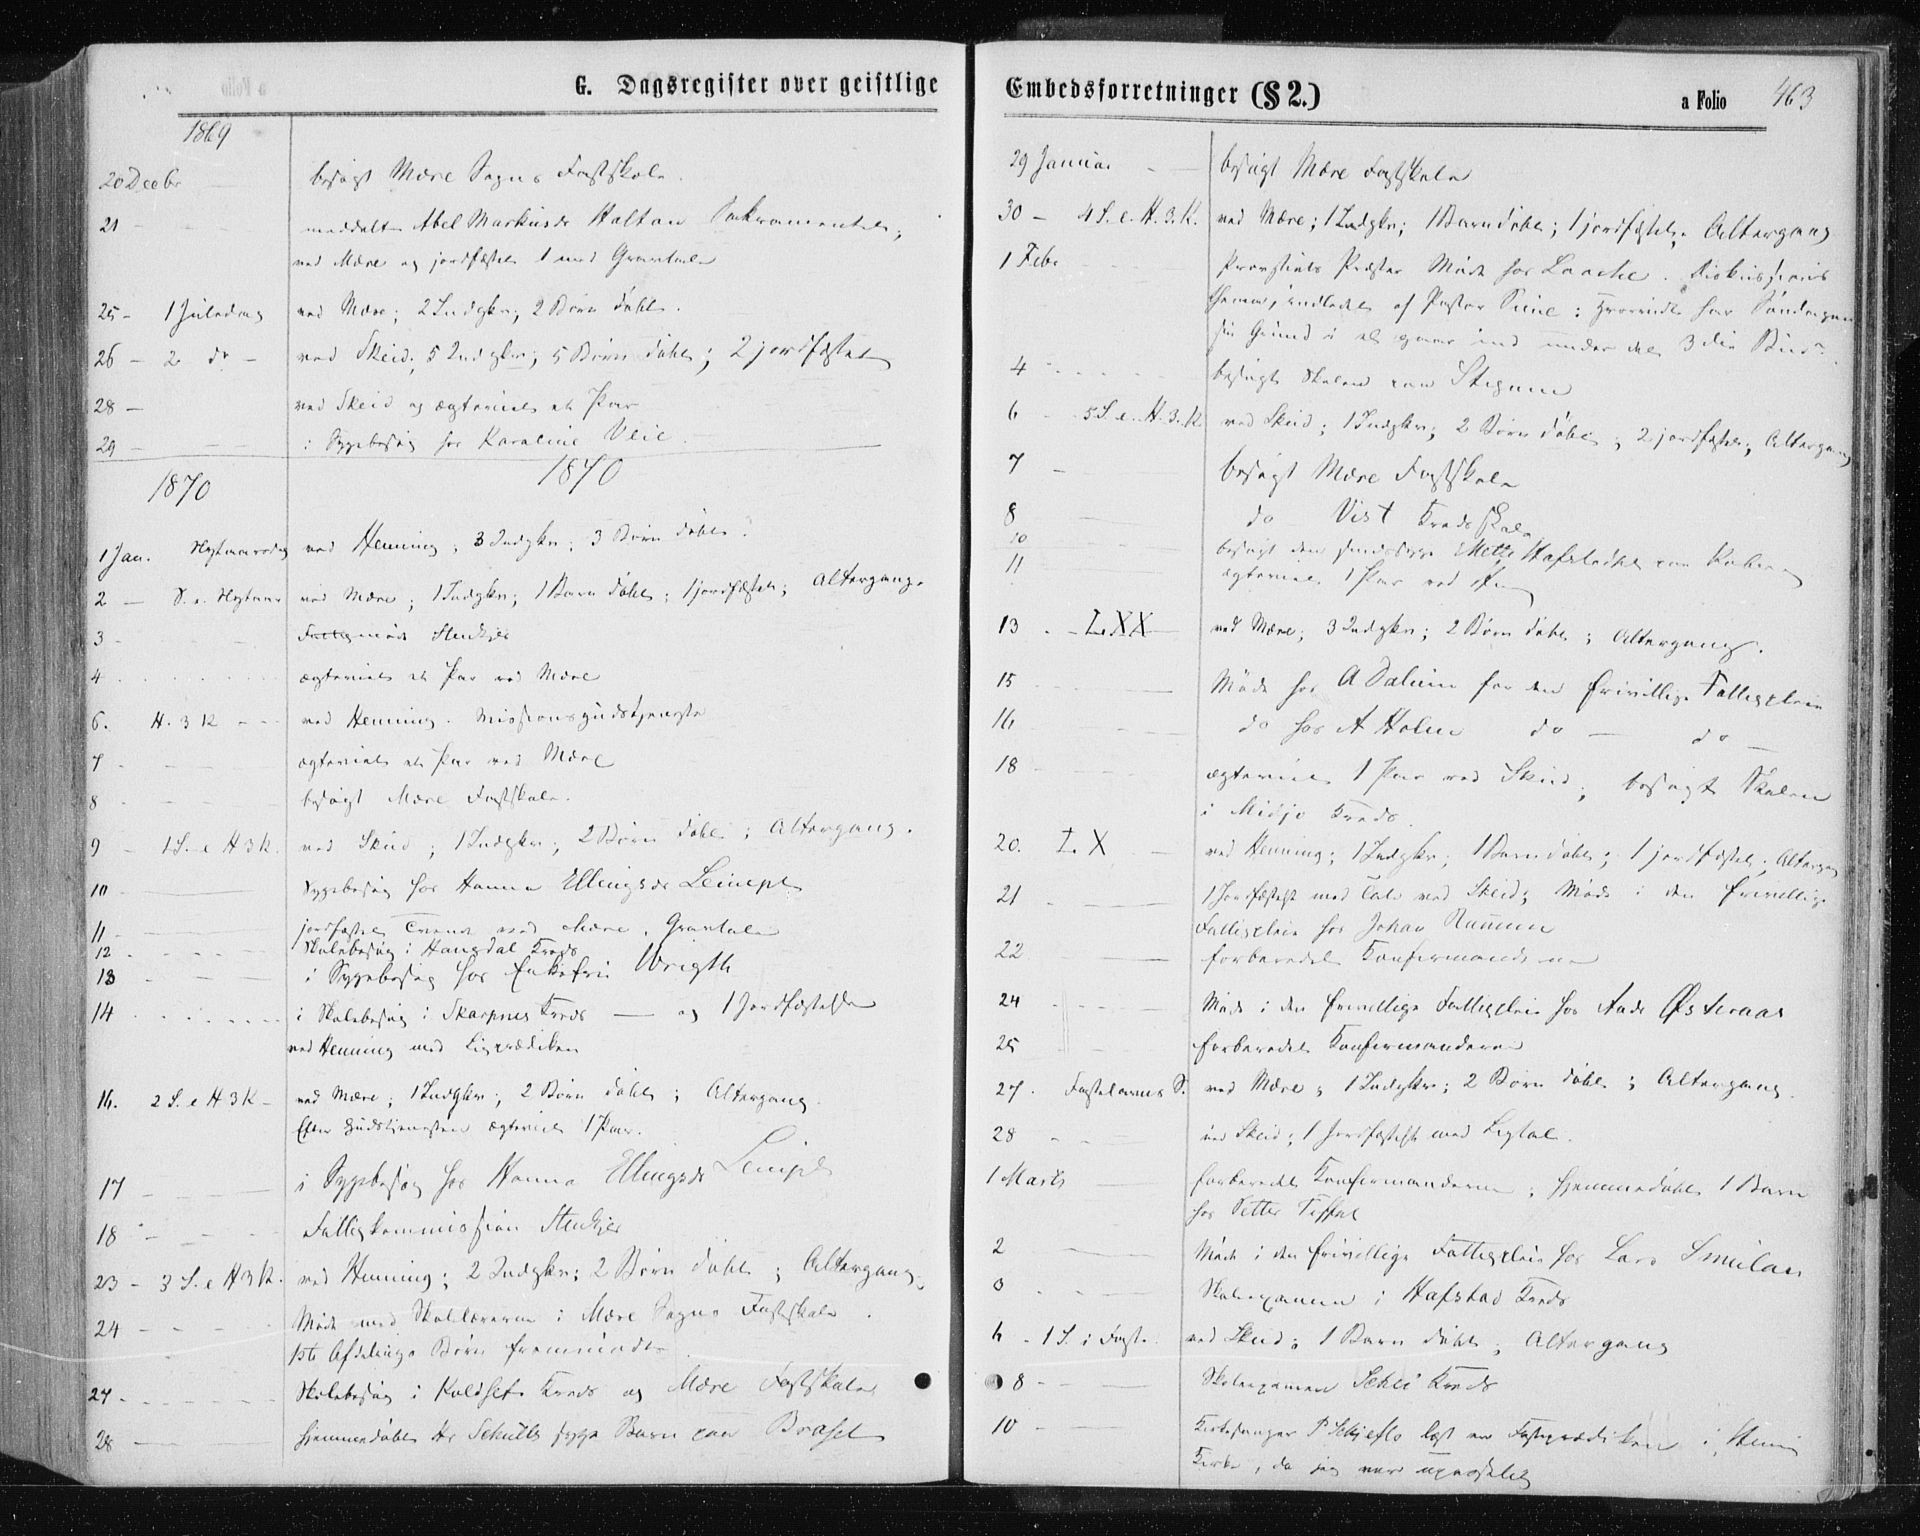 SAT, Ministerialprotokoller, klokkerbøker og fødselsregistre - Nord-Trøndelag, 735/L0345: Ministerialbok nr. 735A08 /1, 1863-1872, s. 463